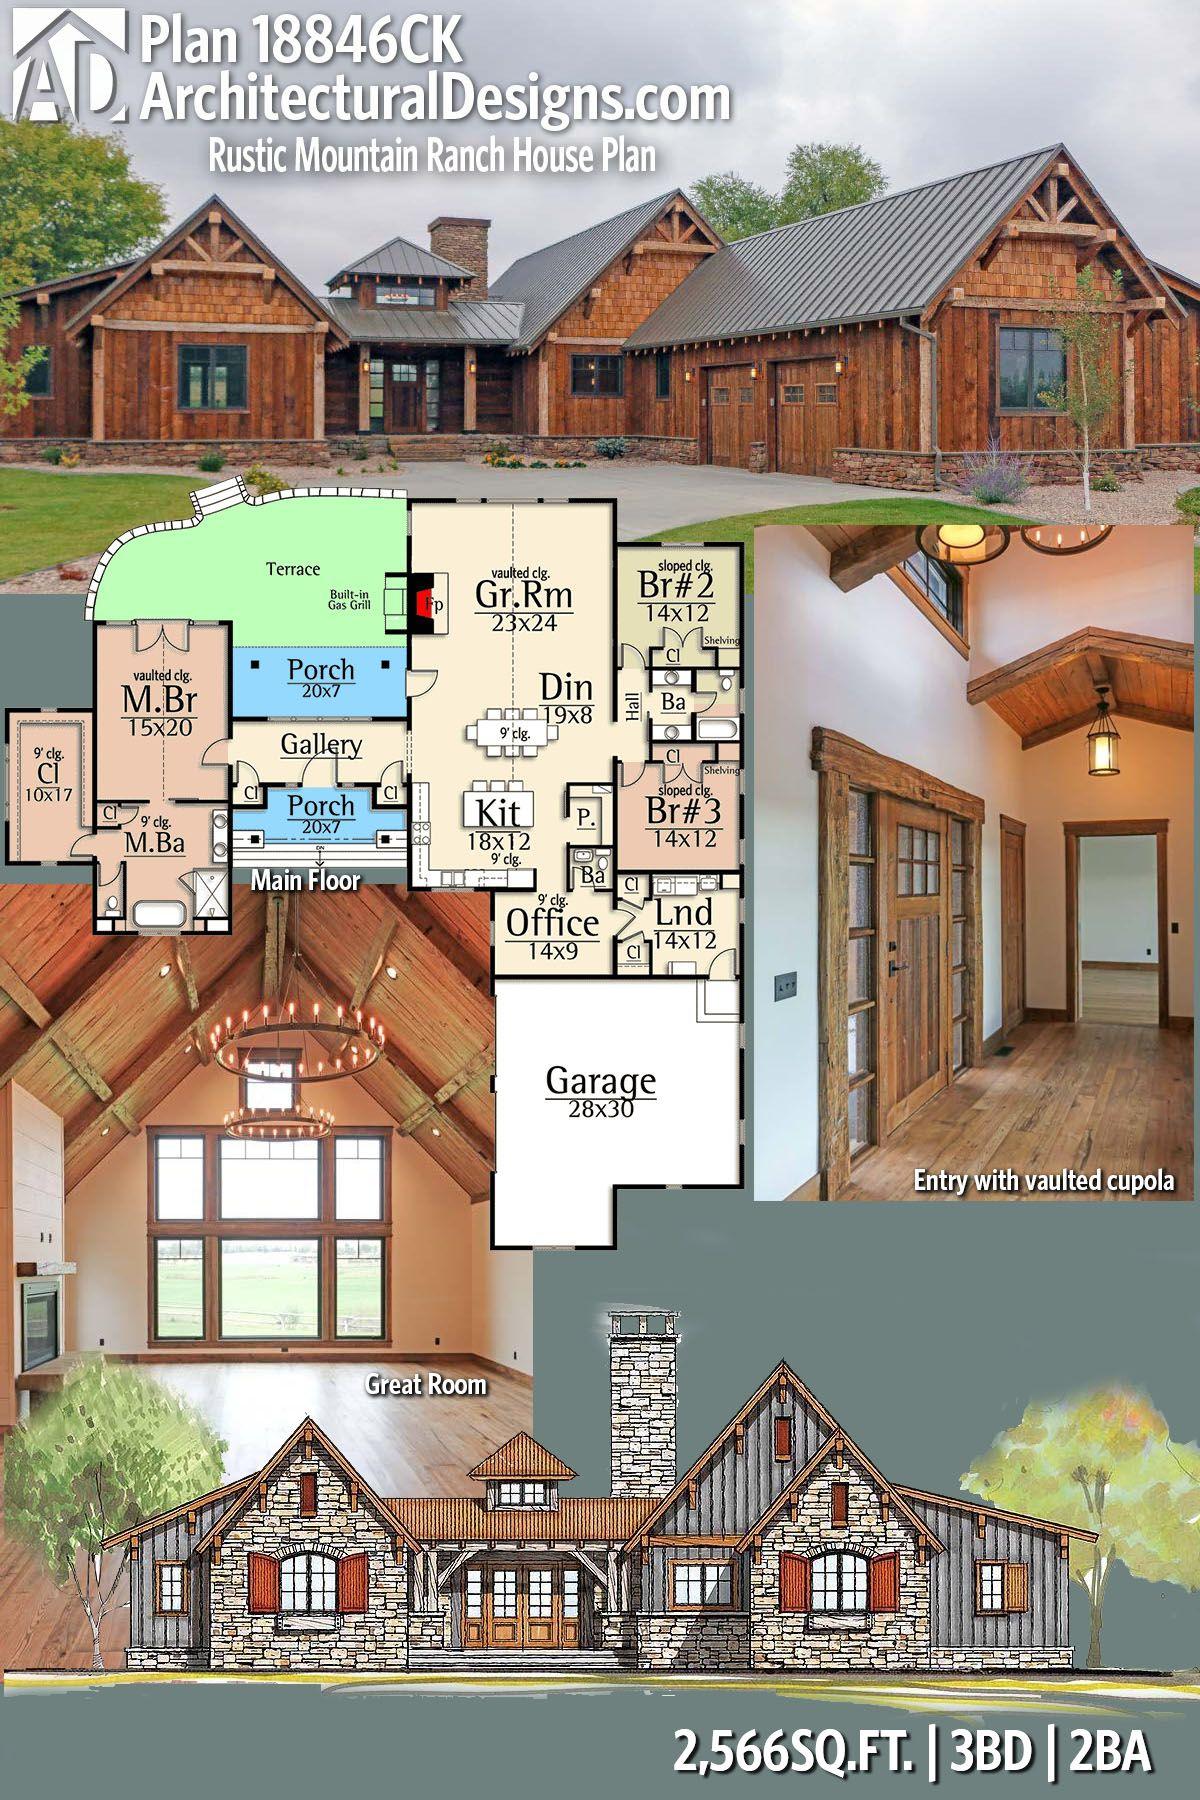 Plan 18846ck Rustic Mountain Ranch House Plan Mountain House Plans Mountain Ranch House Plans Ranch House Plans